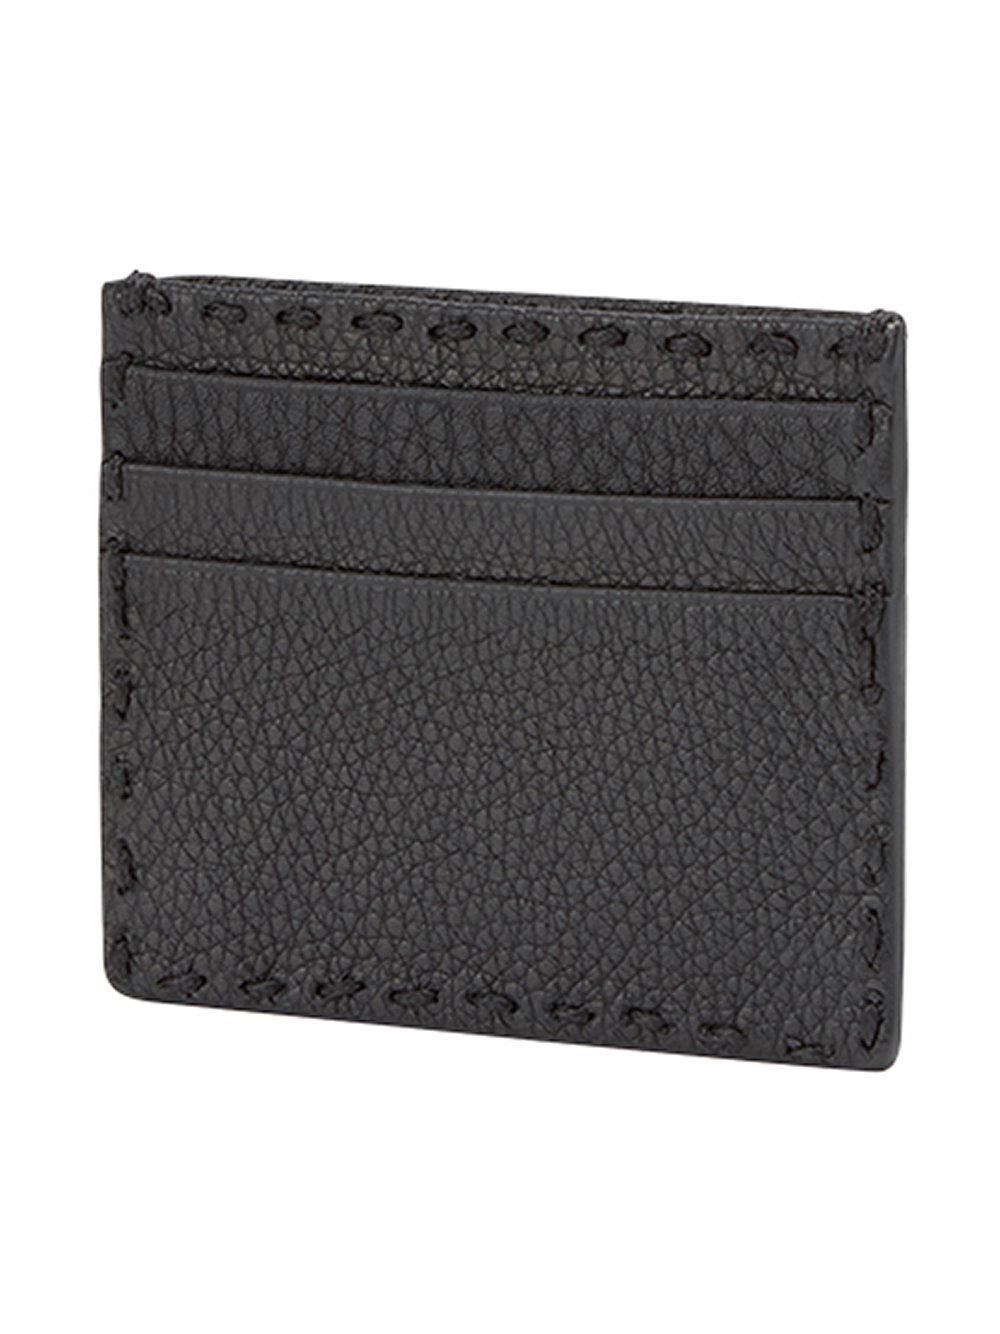 3580b4fe2656 Lyst - Porte-cartes Selleria Fendi pour homme en coloris Noir